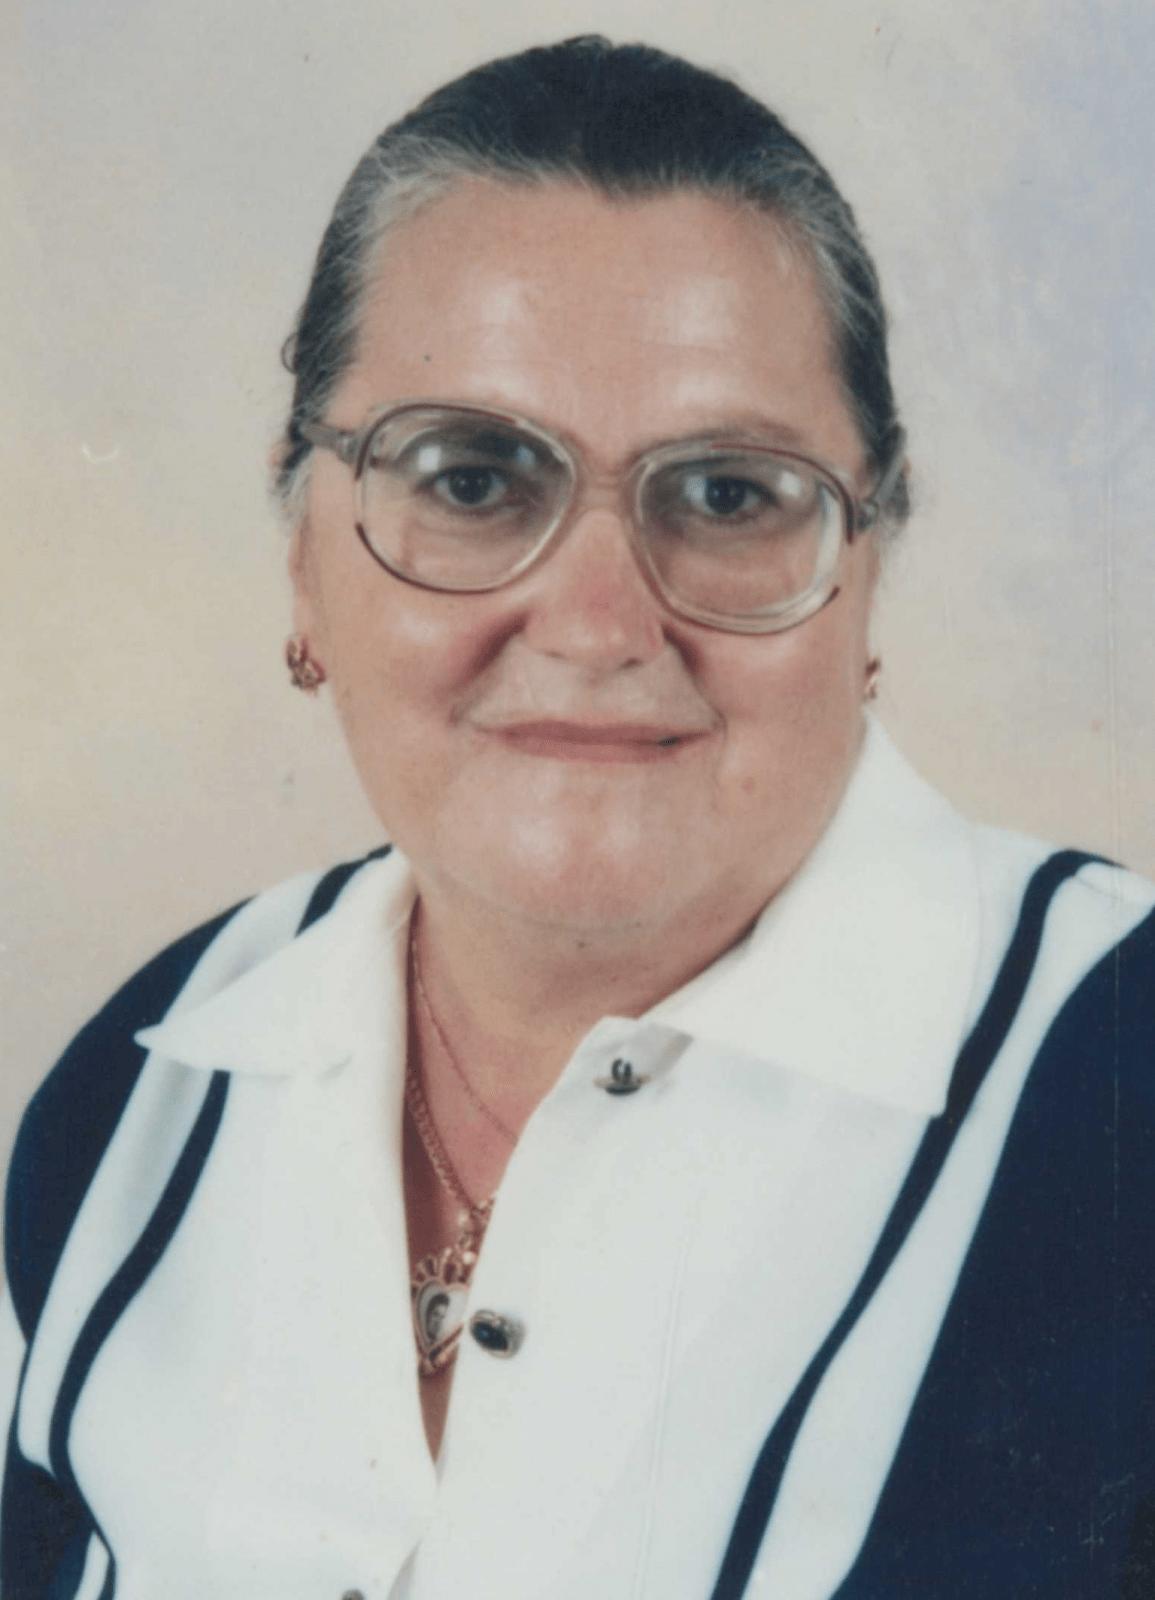 Ana Cecília dos Santos Afonso da Conceição